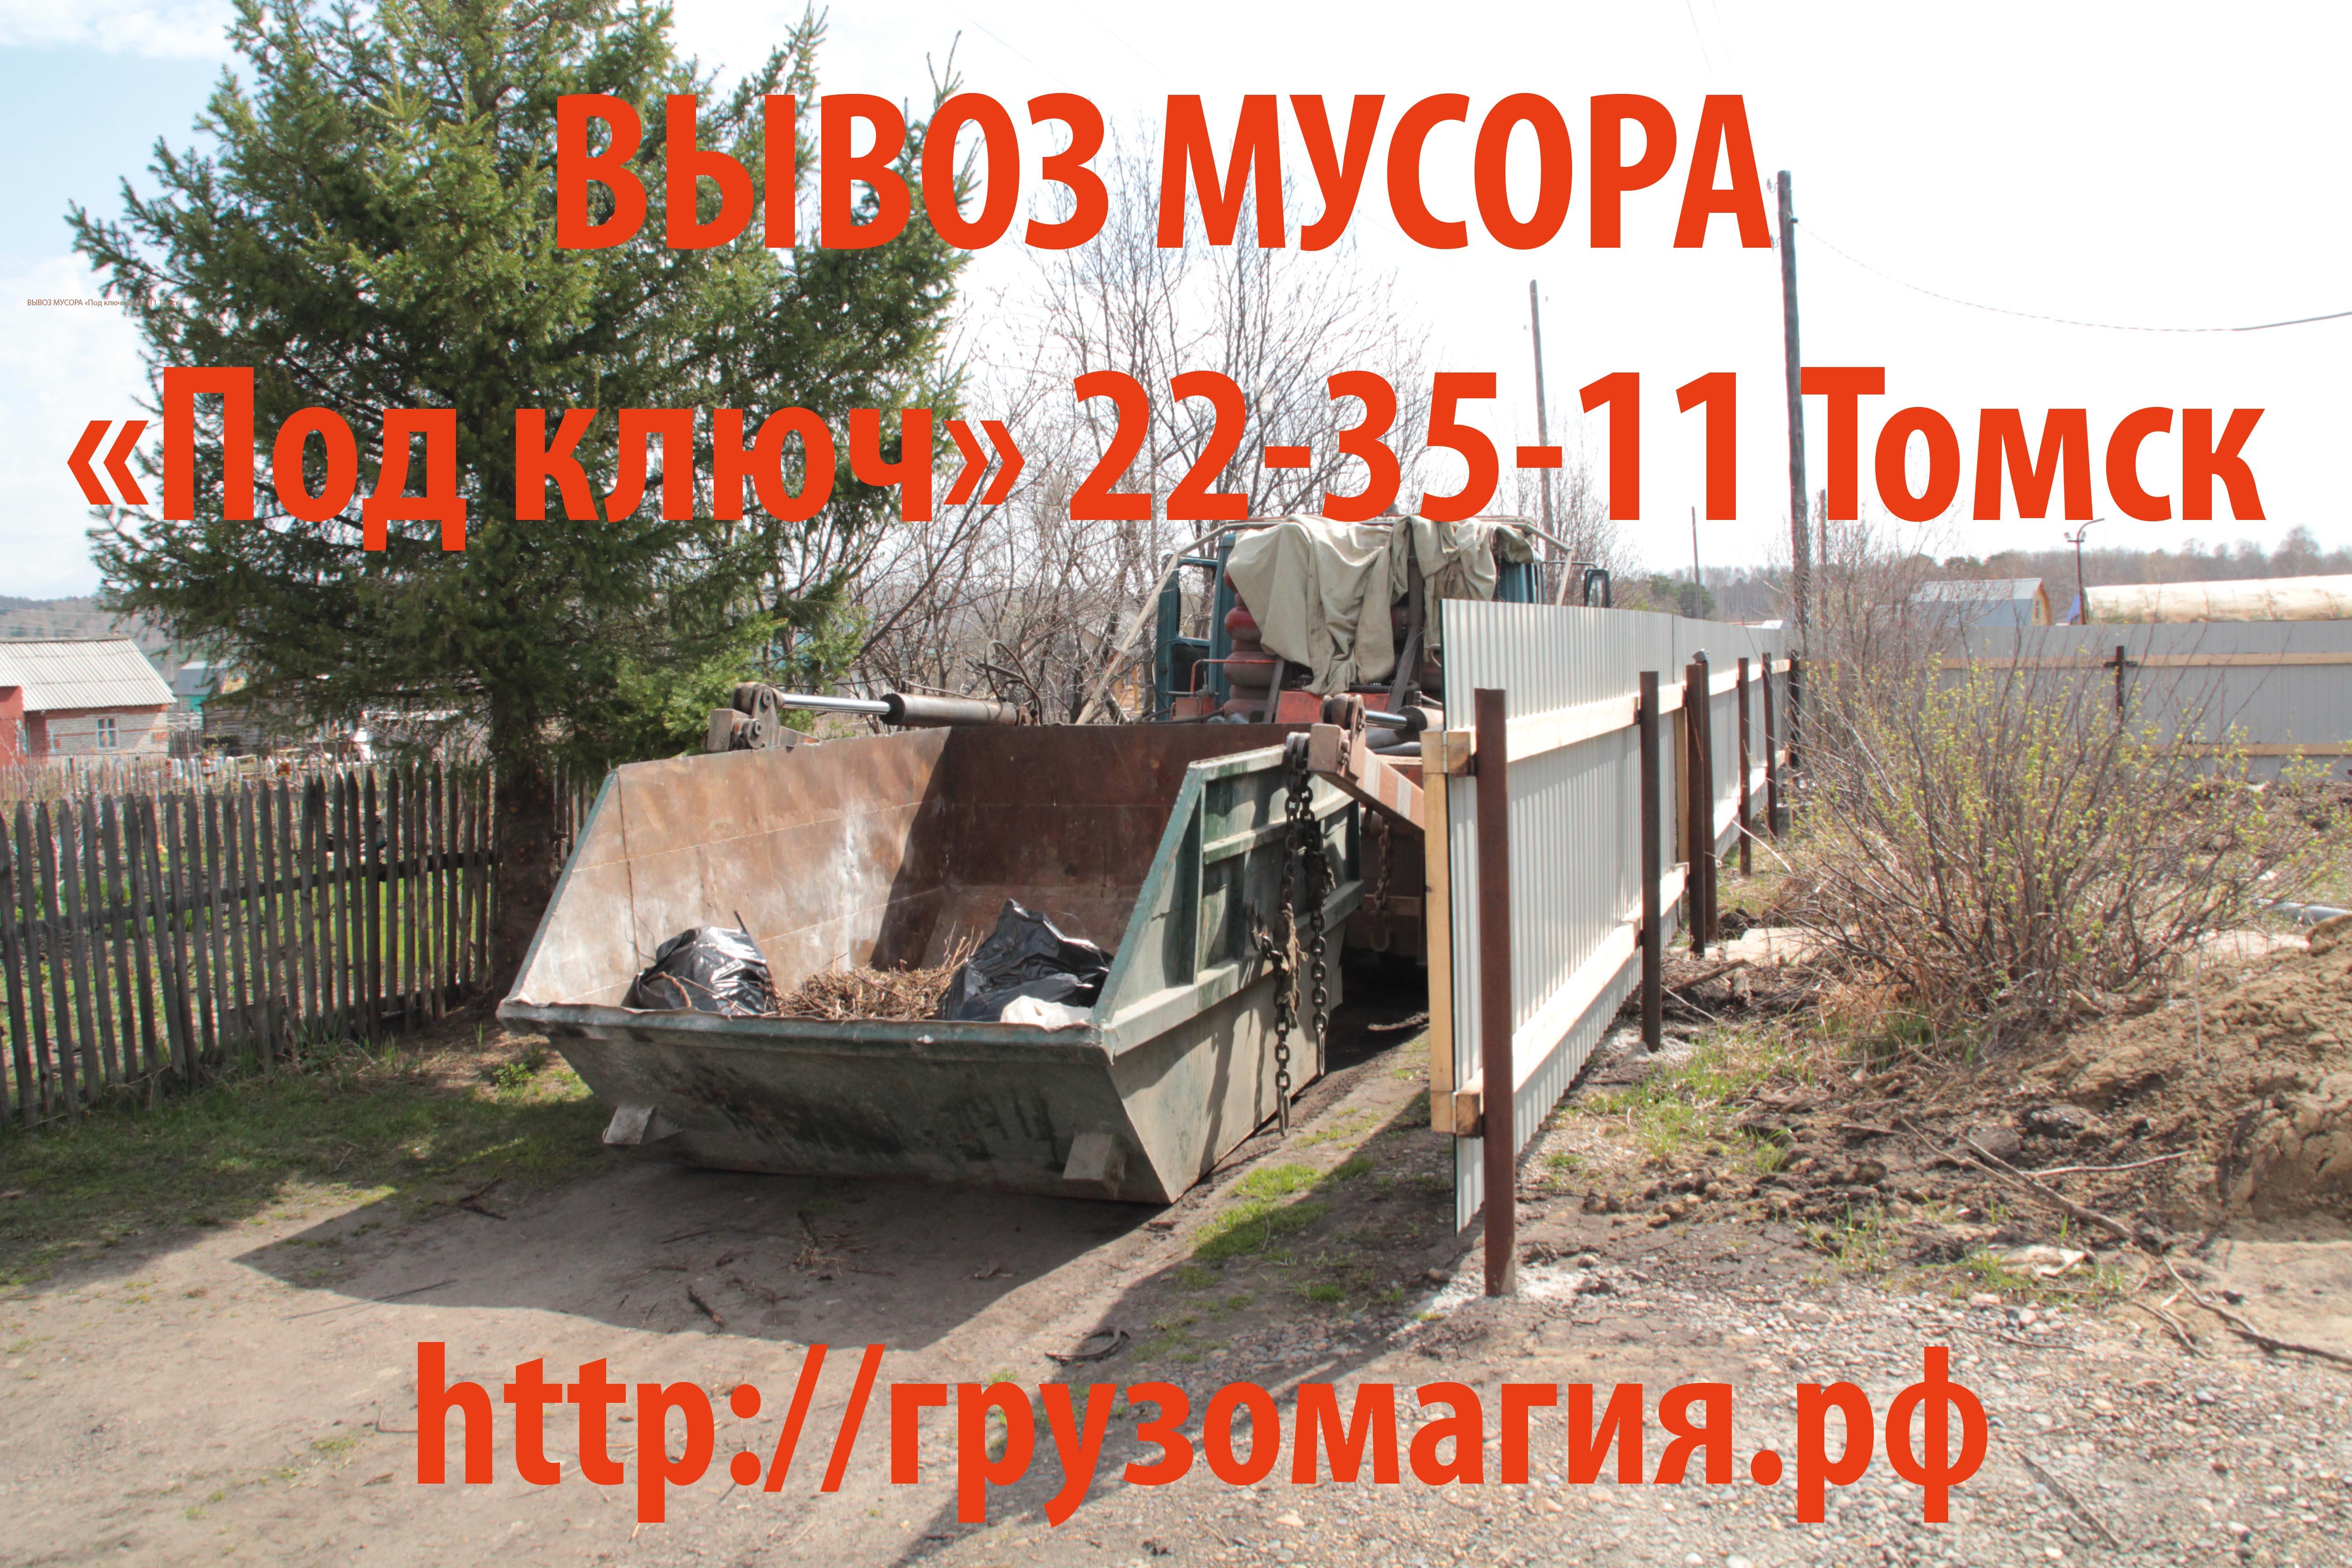 Предложение: Вывоз мусора «Под ключ» 22-35-11 Томск